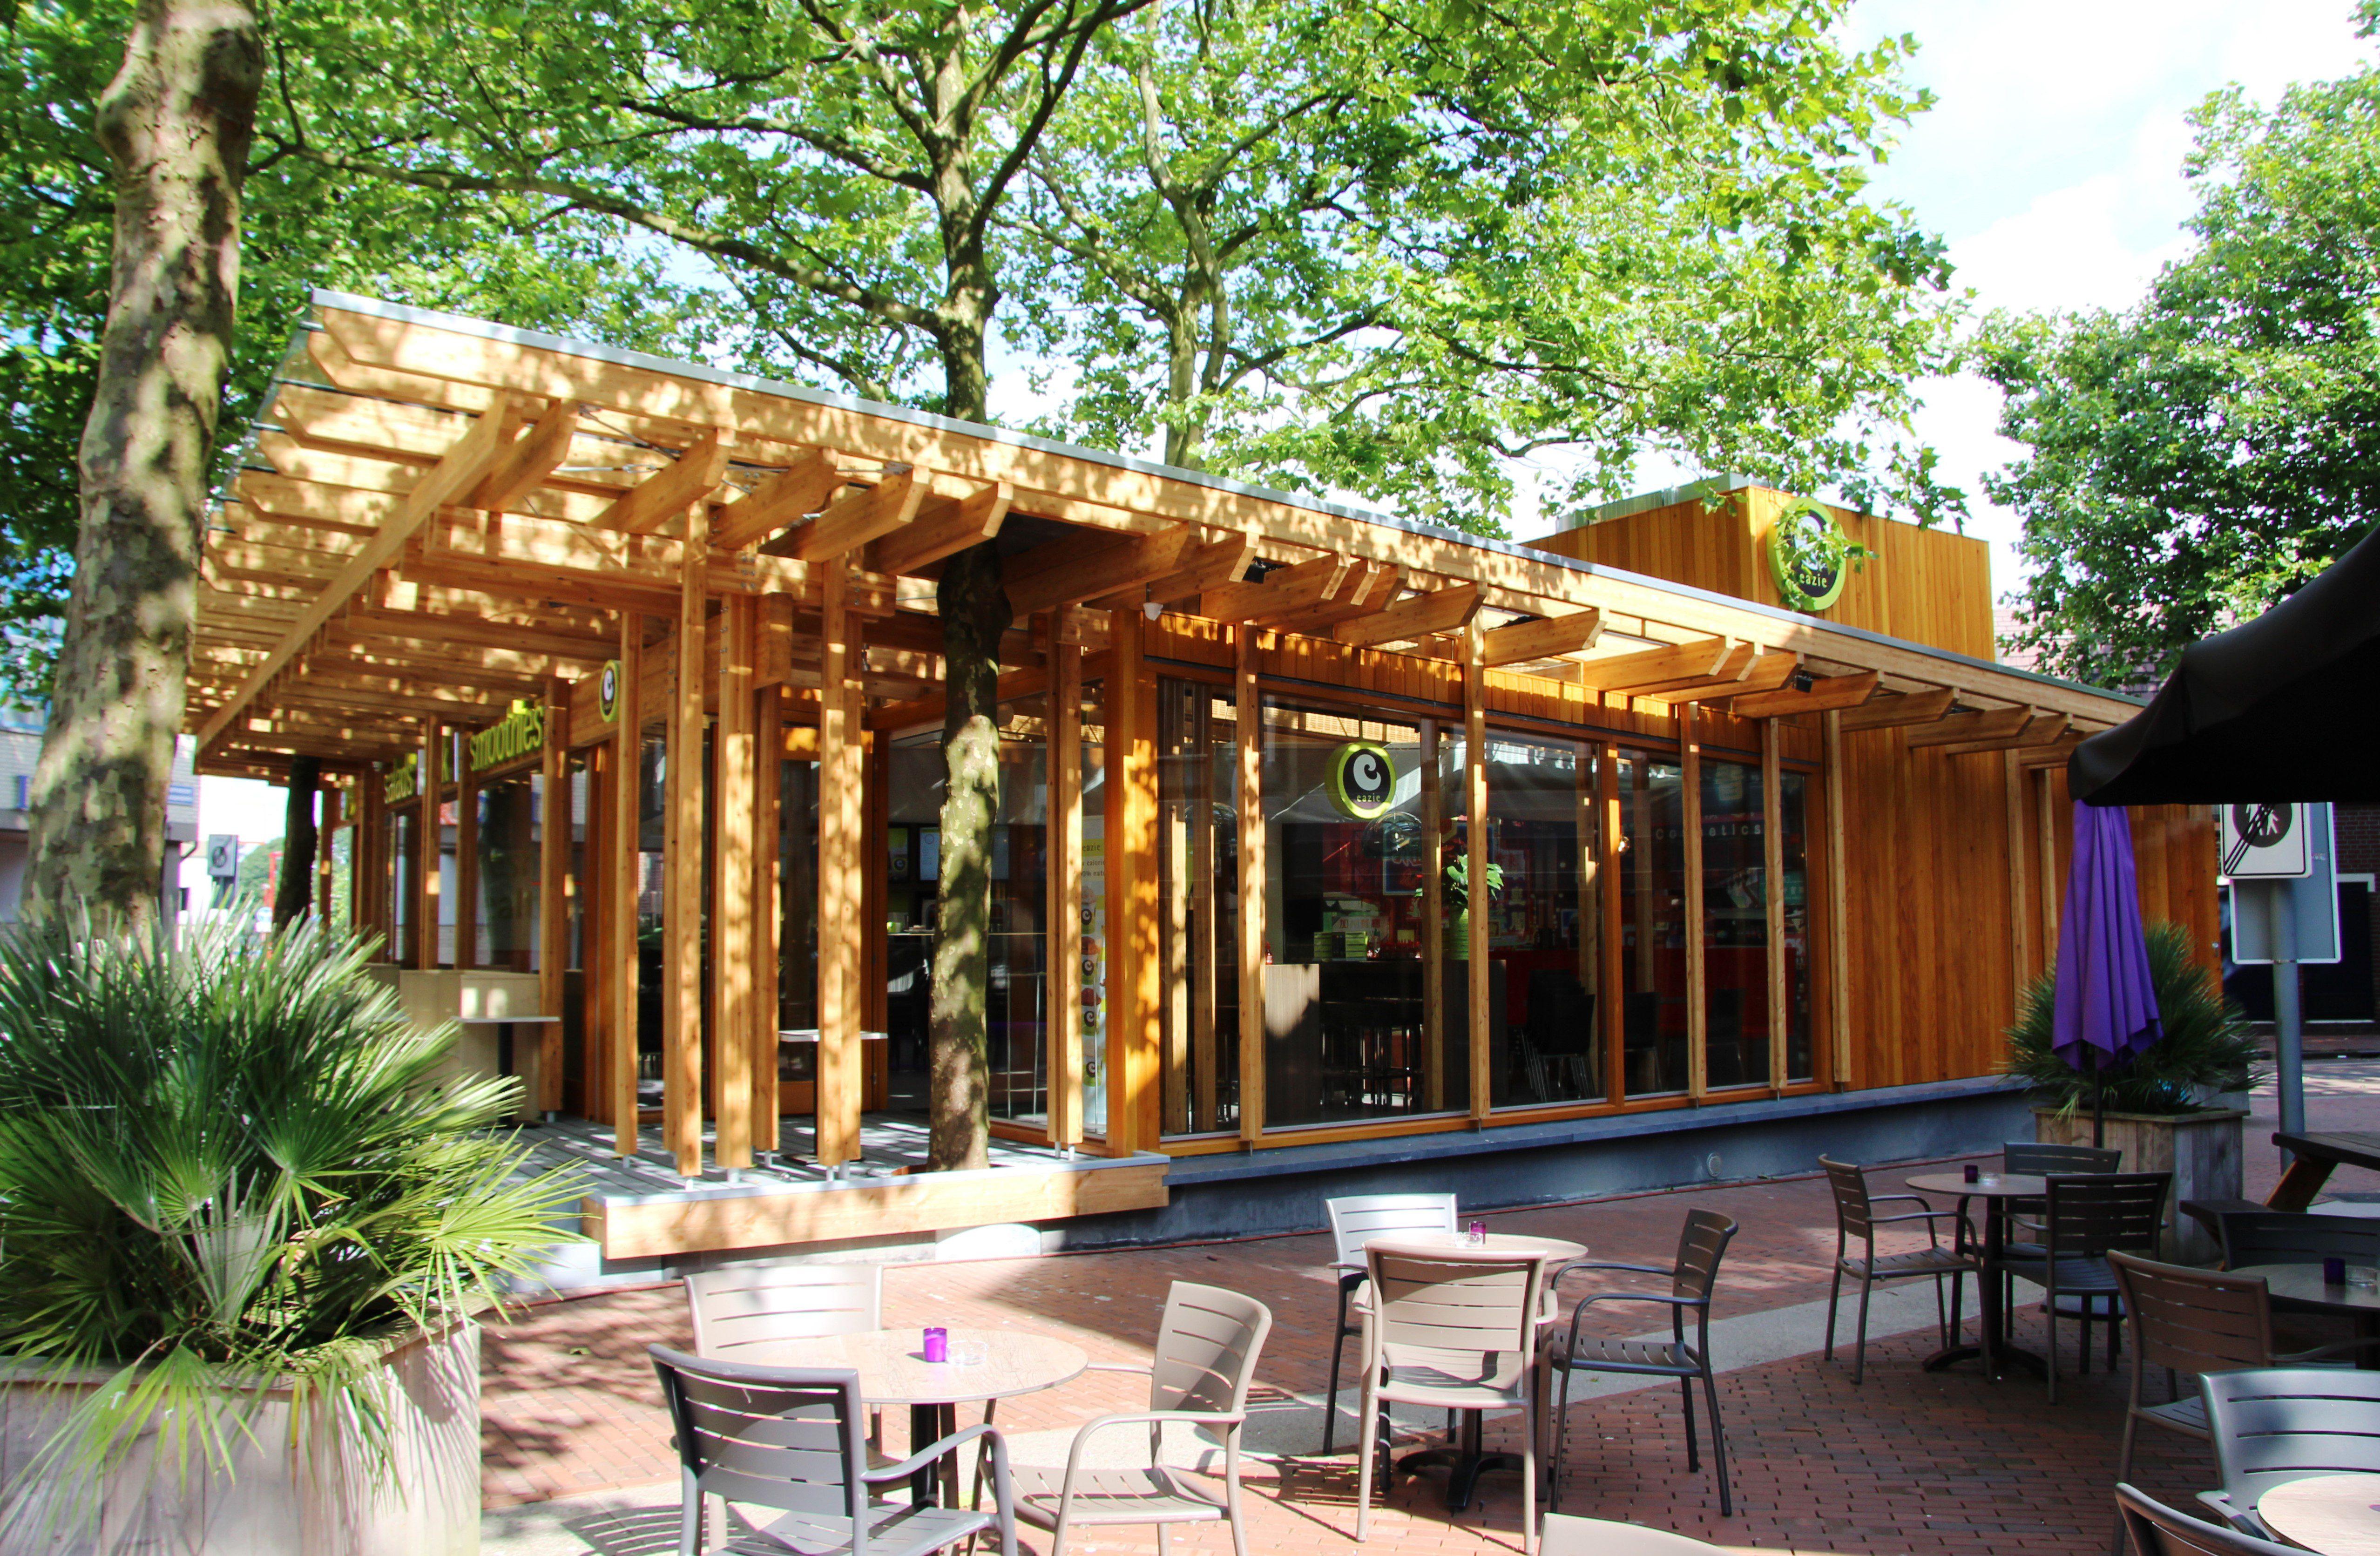 Het horecapaviljoen is volledig ontworpen op de al aanwezige bomen. Twee staan buiten onder de luifel; één staat midden in het paviljoen.